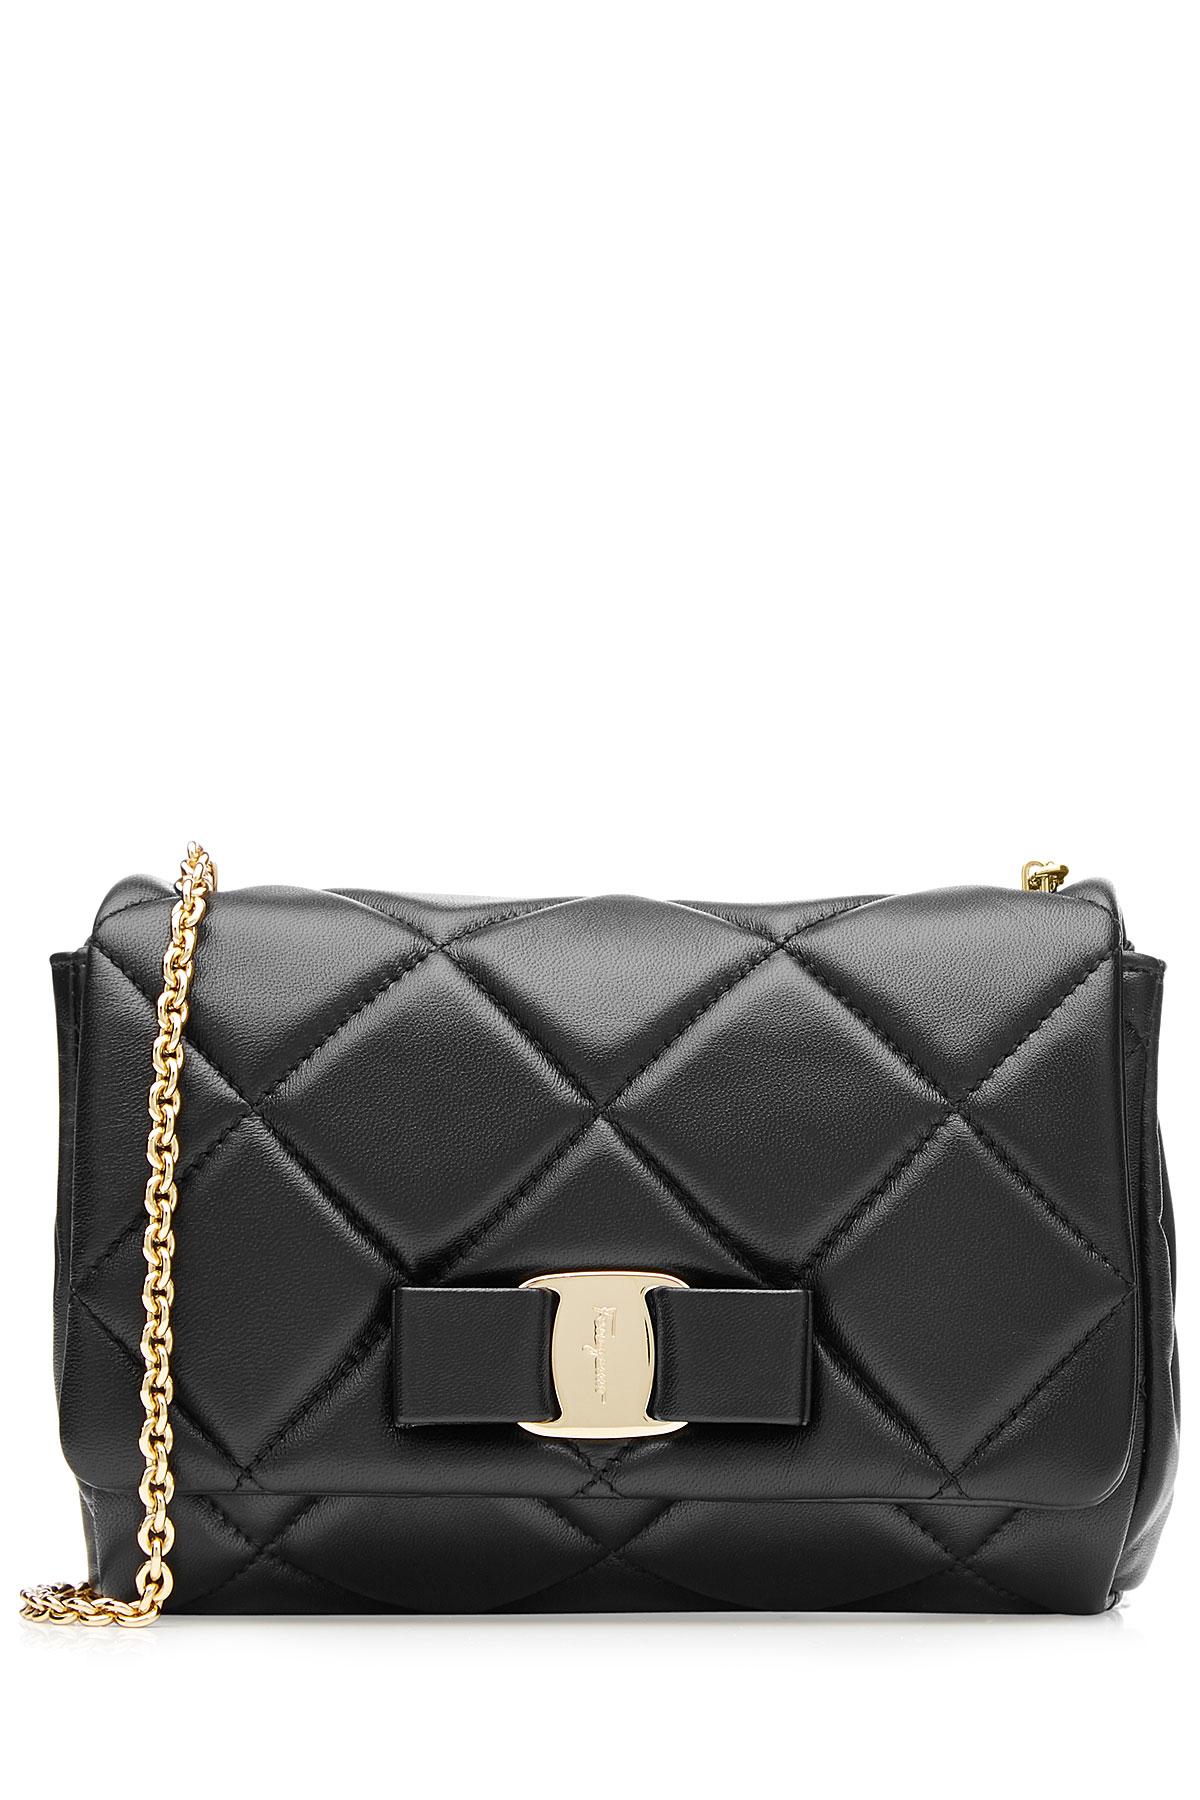 fab59ae93a26 Lyst - Ferragamo Small Aileen Zigzag Suede Shoulder Bag in Black